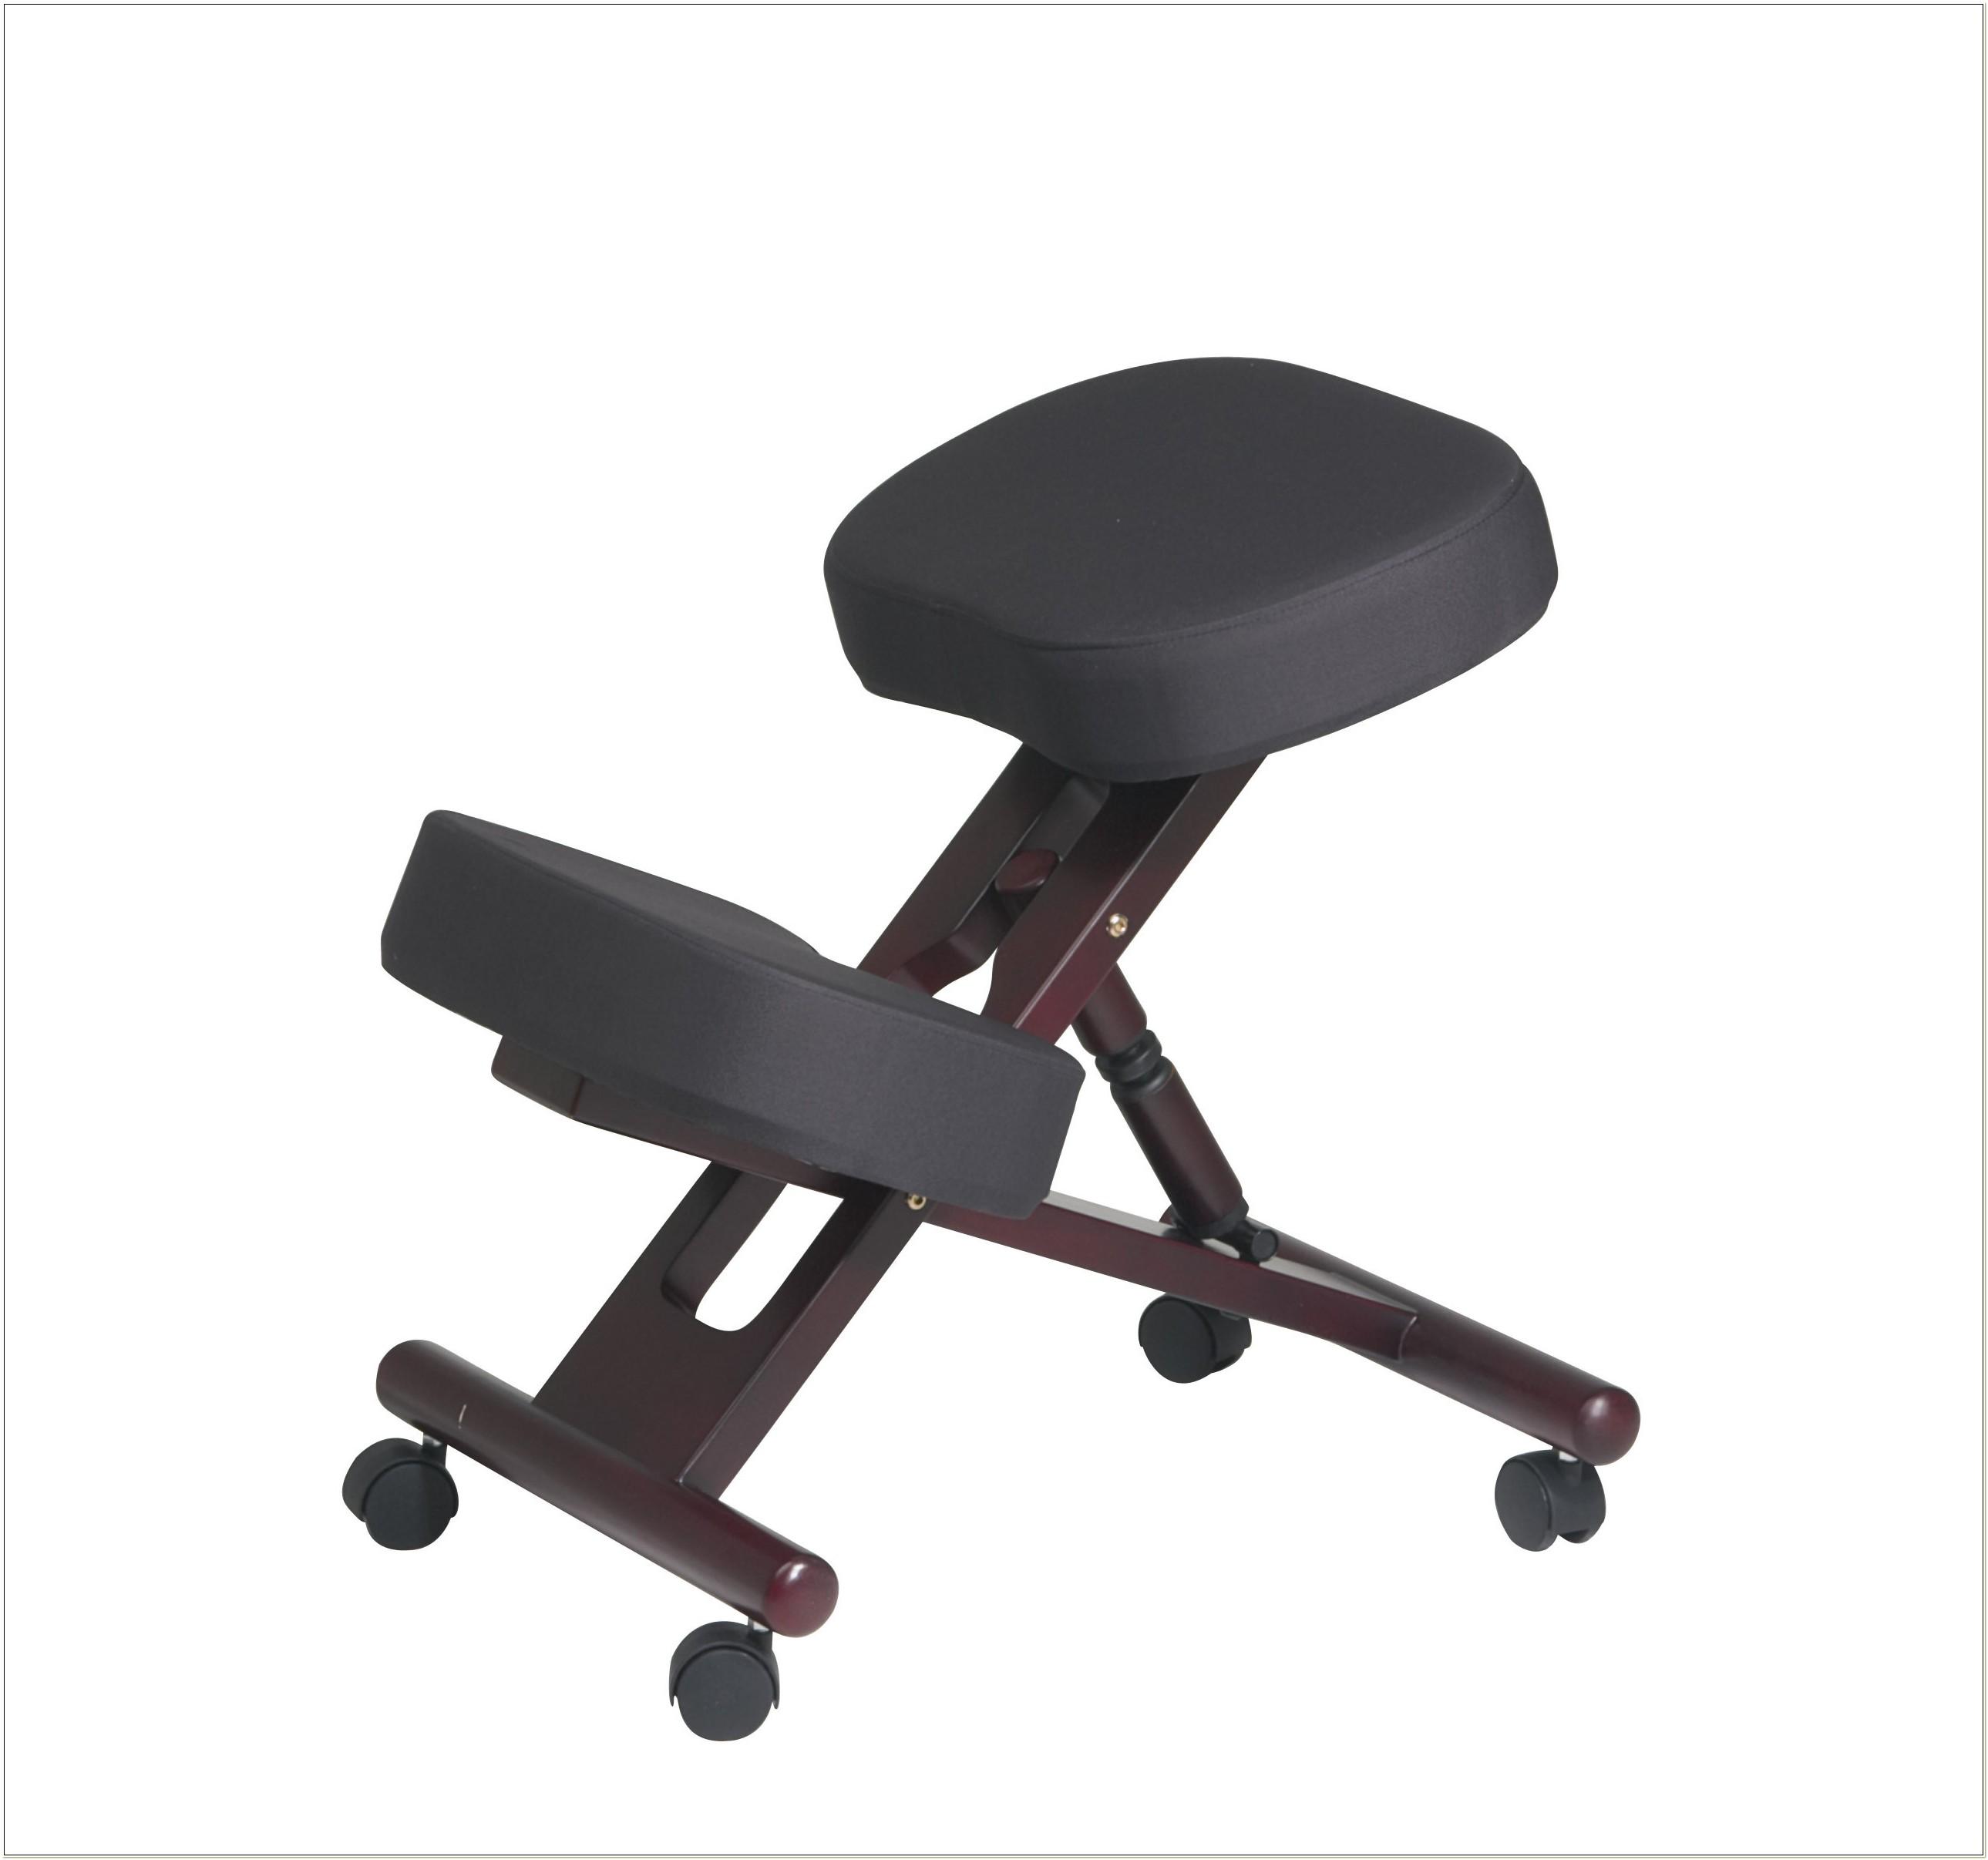 Kneeling Chair W Memory Foam